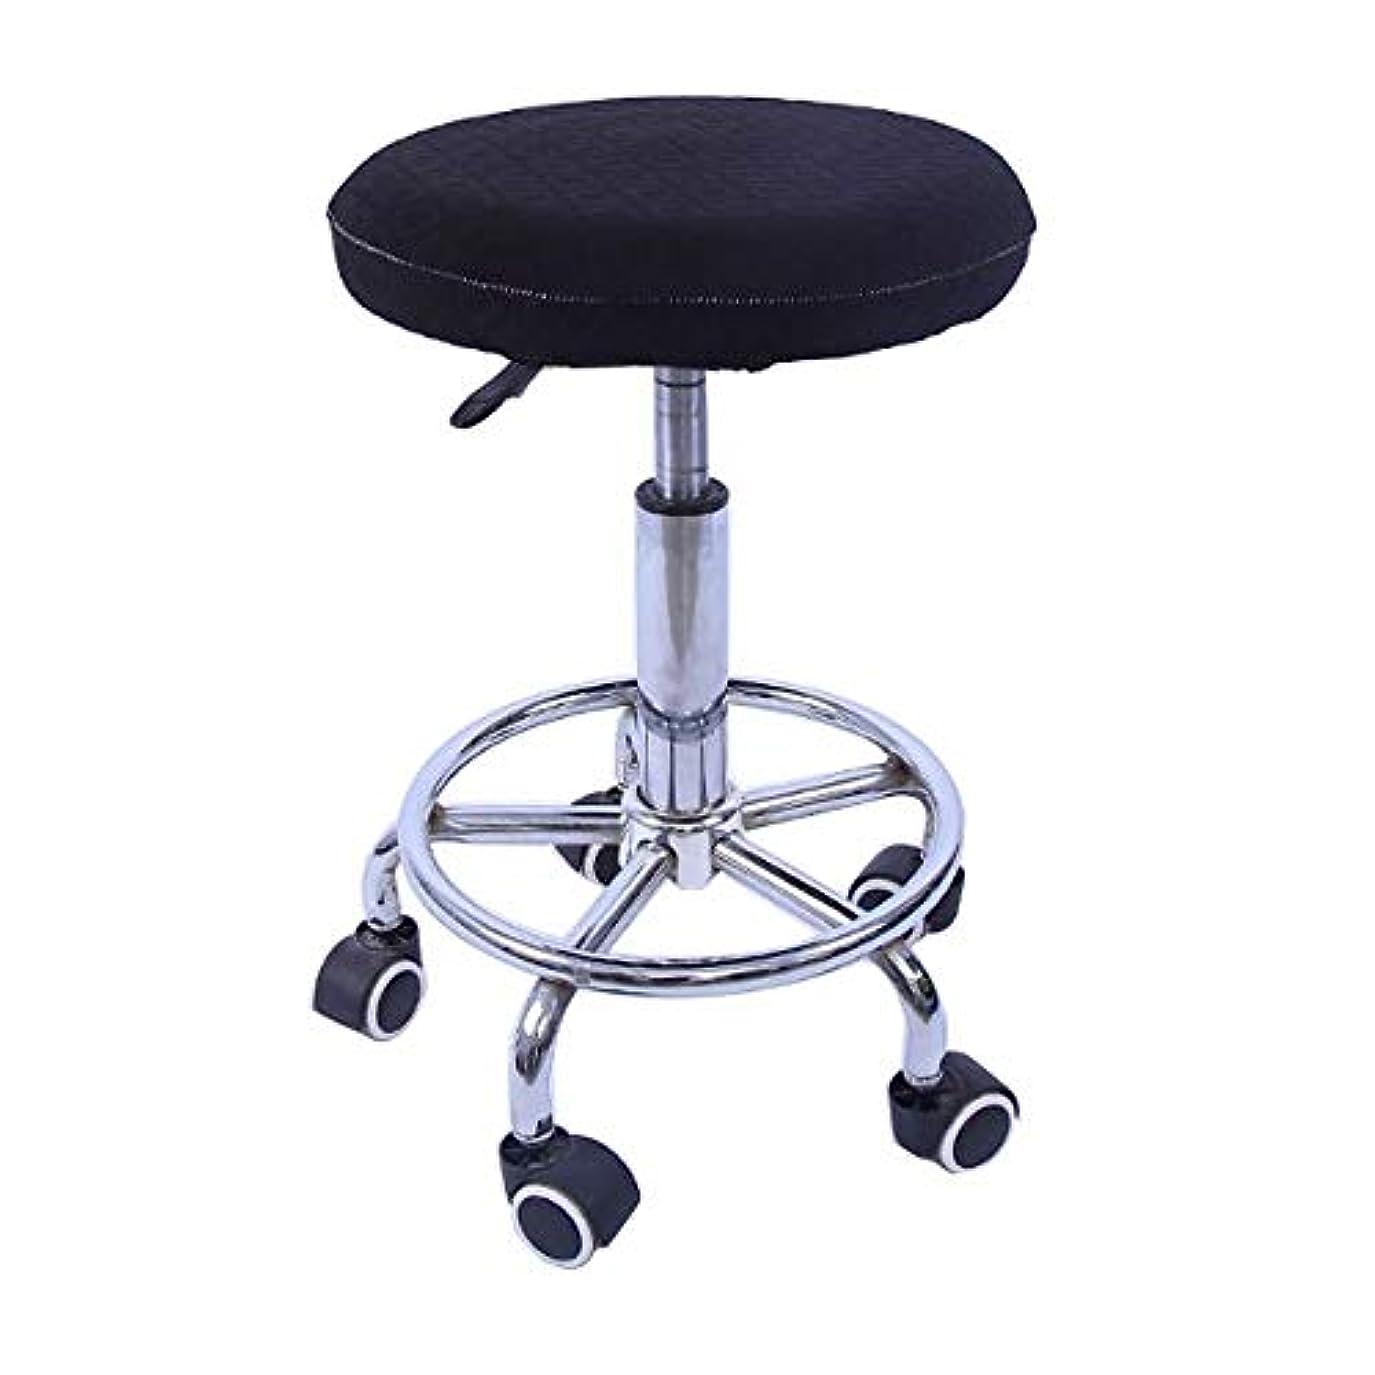 公略す放つViffly 丸椅子カバー 丸 チェアカバー スツール カバー 座面 ラウンドスツール 椅子カバー キャスター オフィス ミーティング 弾性 伸縮素材